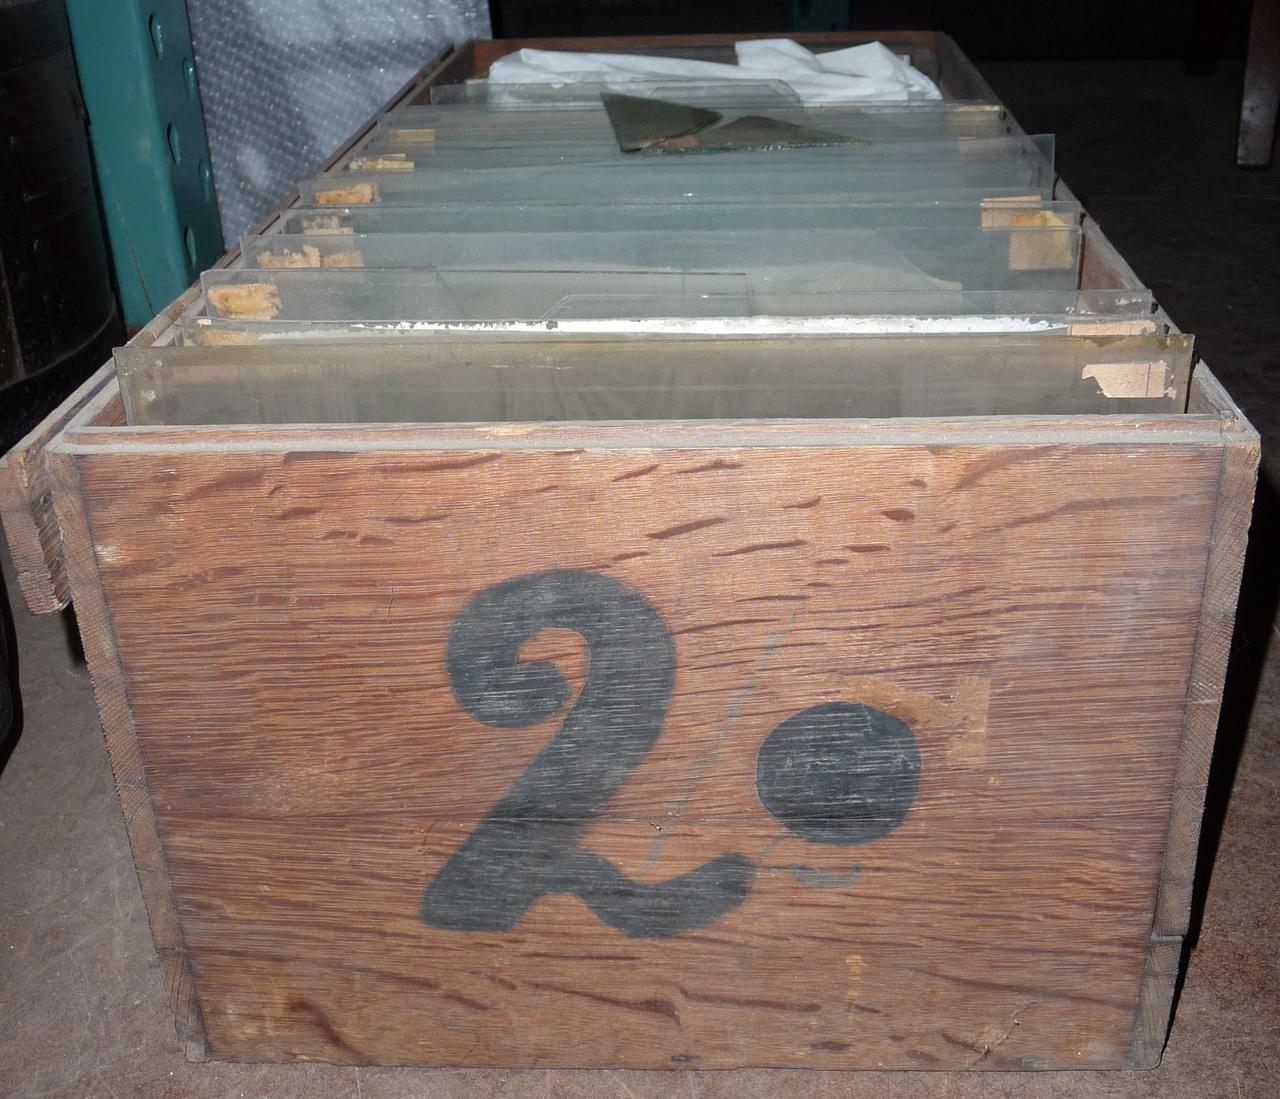 Kist voor glasnegatieven met nummer 2 (groot).